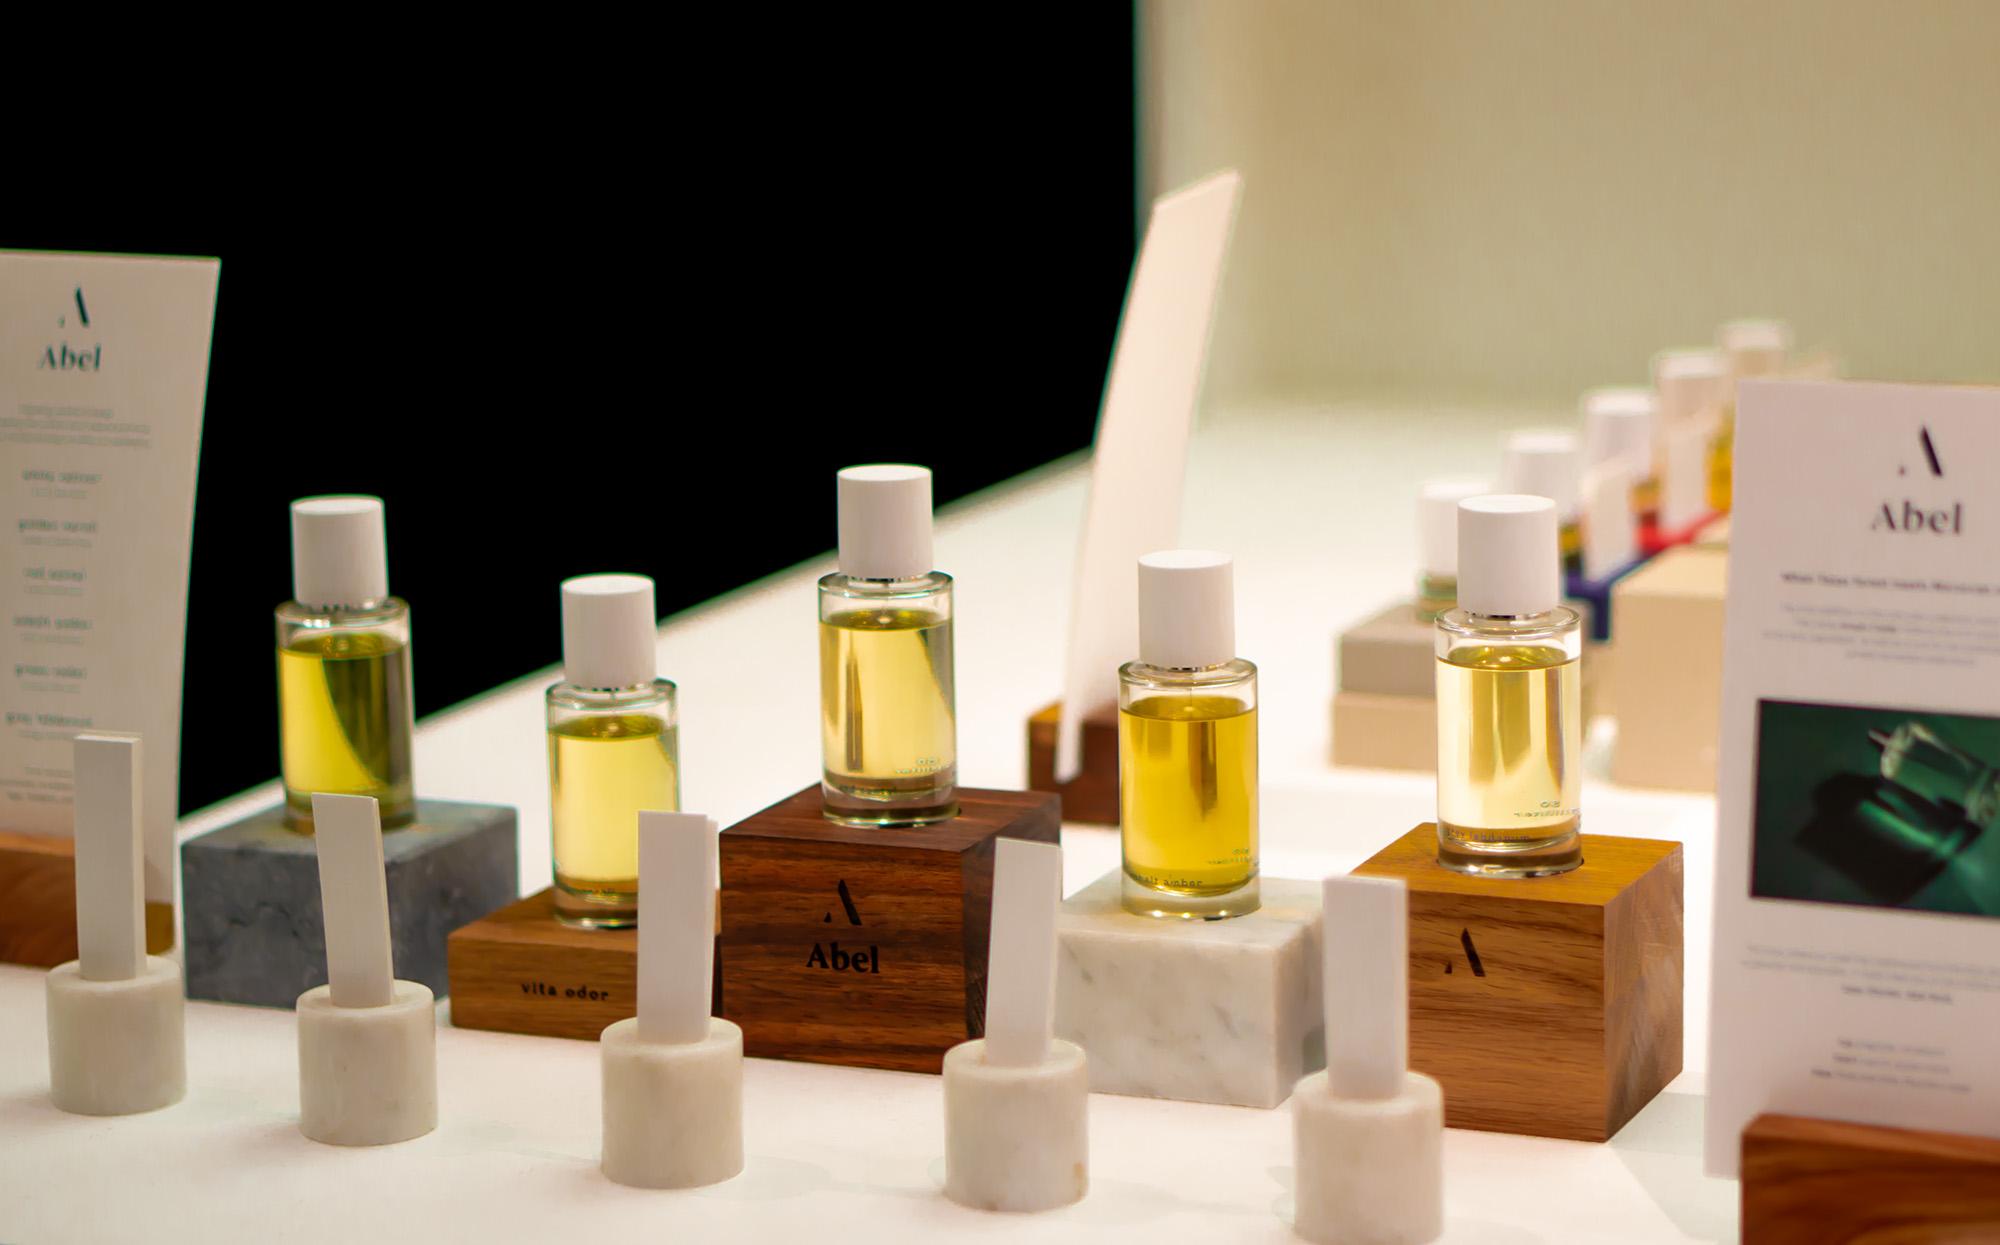 Abel Odor Perfumes niche perfume parfüm нишевая парфюмерия